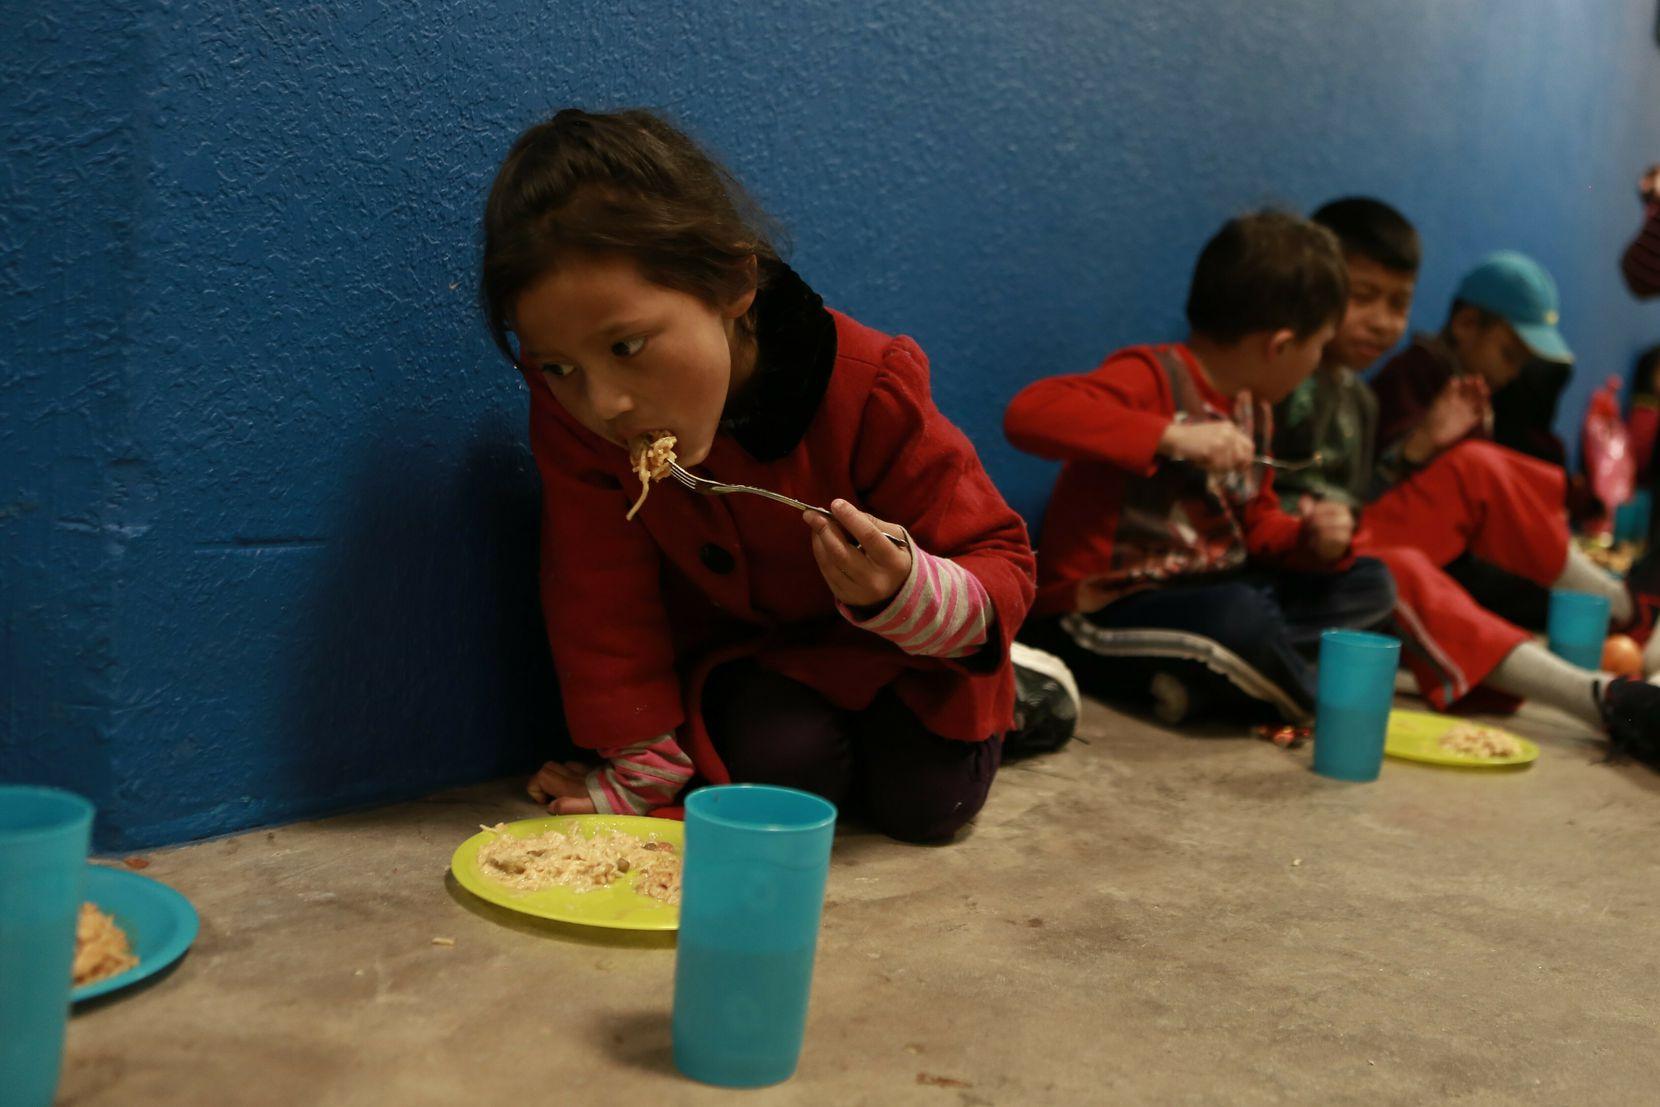 Niños de familias migrantes se refugian en un gimnasio en Ciudad Juárez, mientras esperan solicitar asilo en Estados Unidos.(AP Photo/Christian Torres)